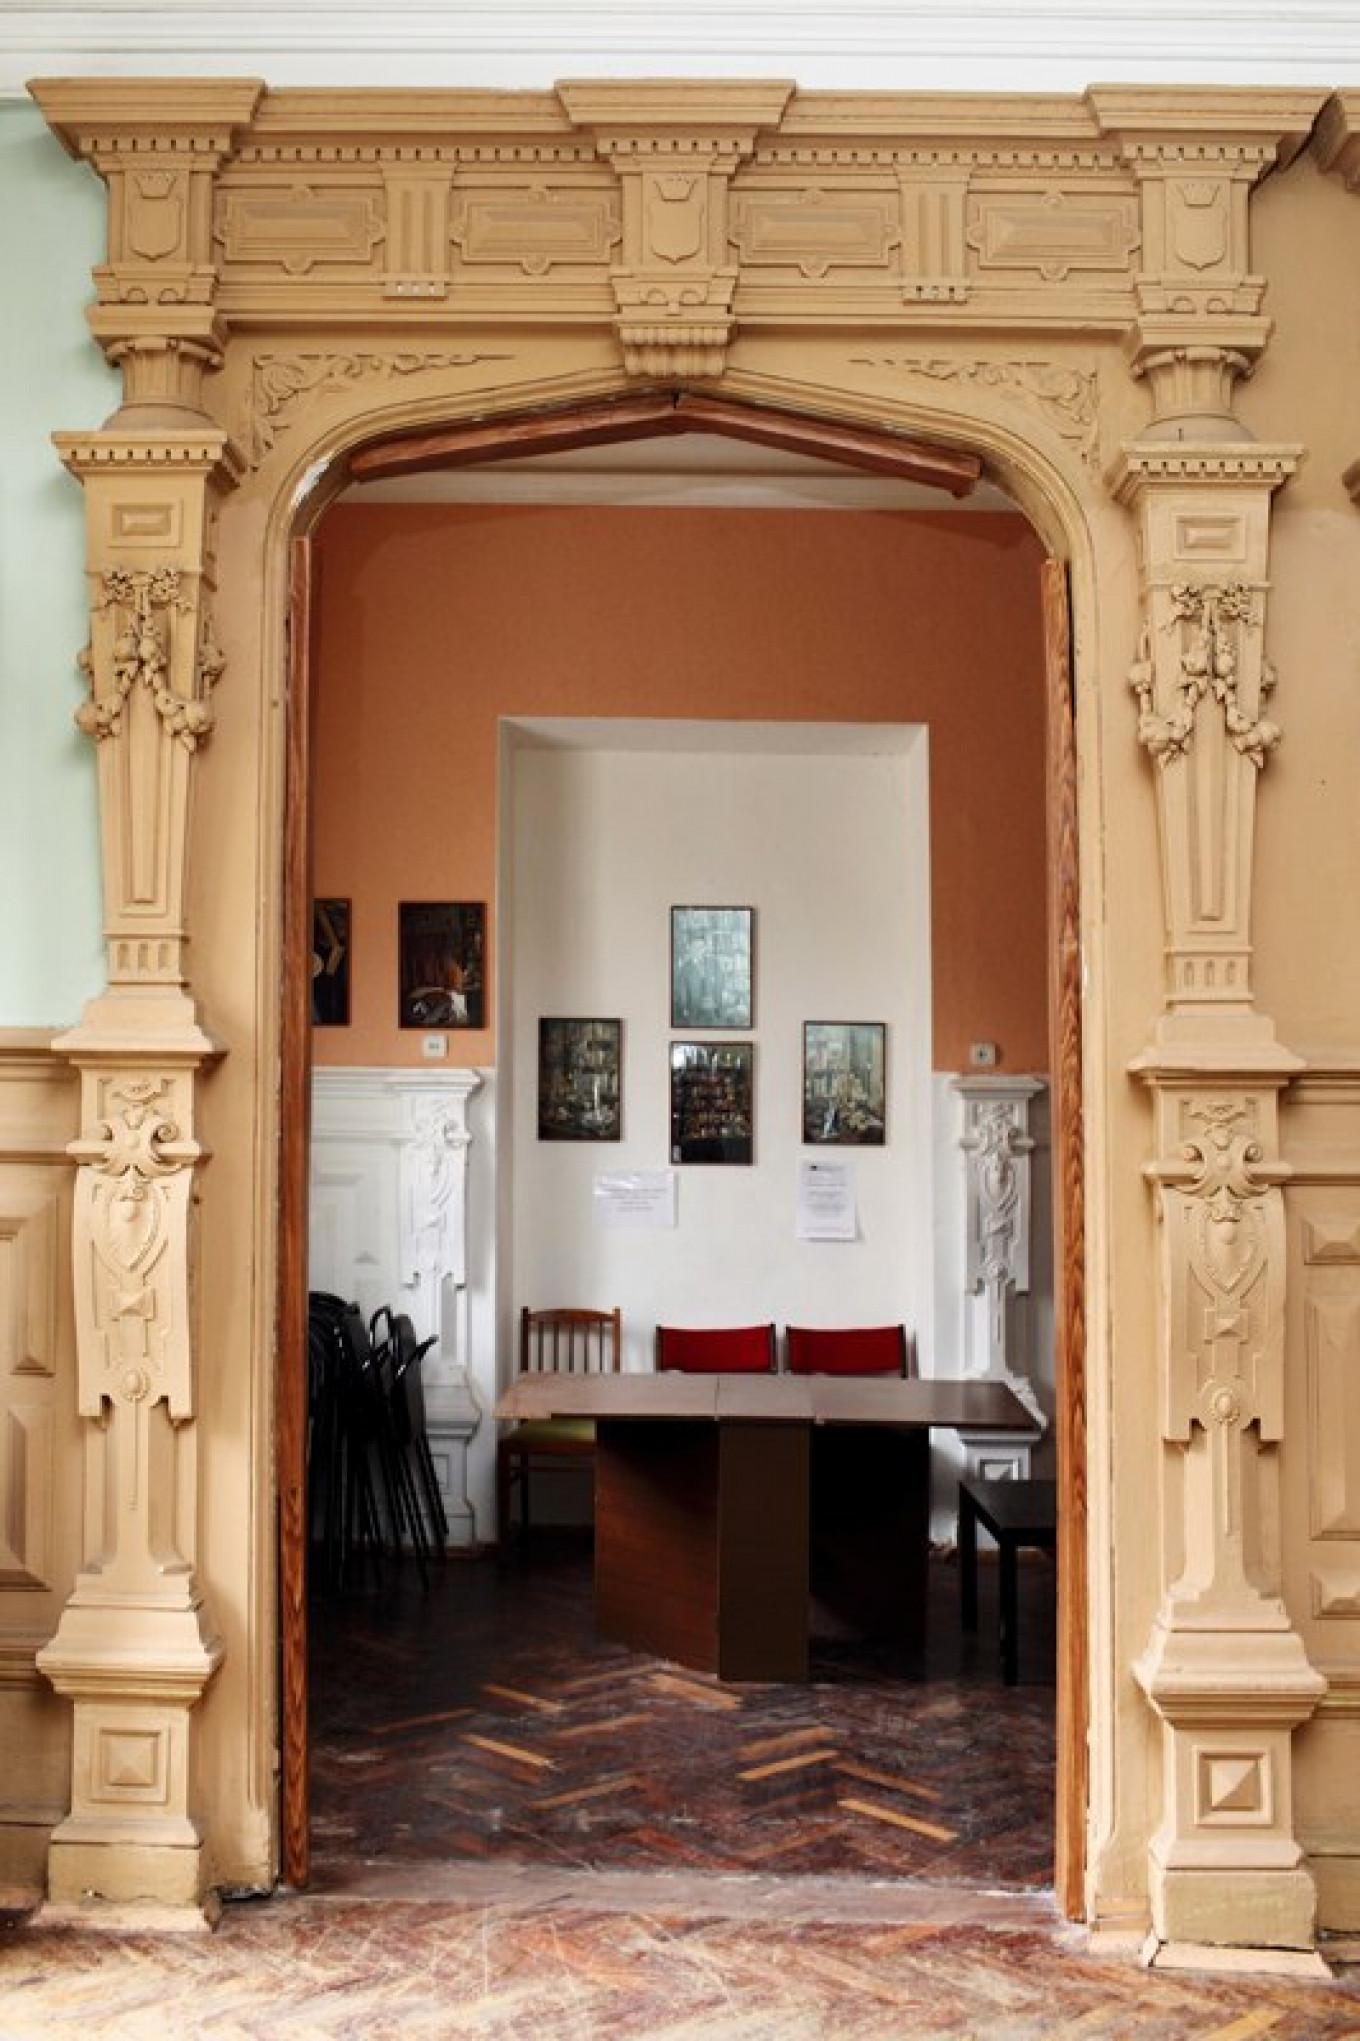 brodskymuseum.com